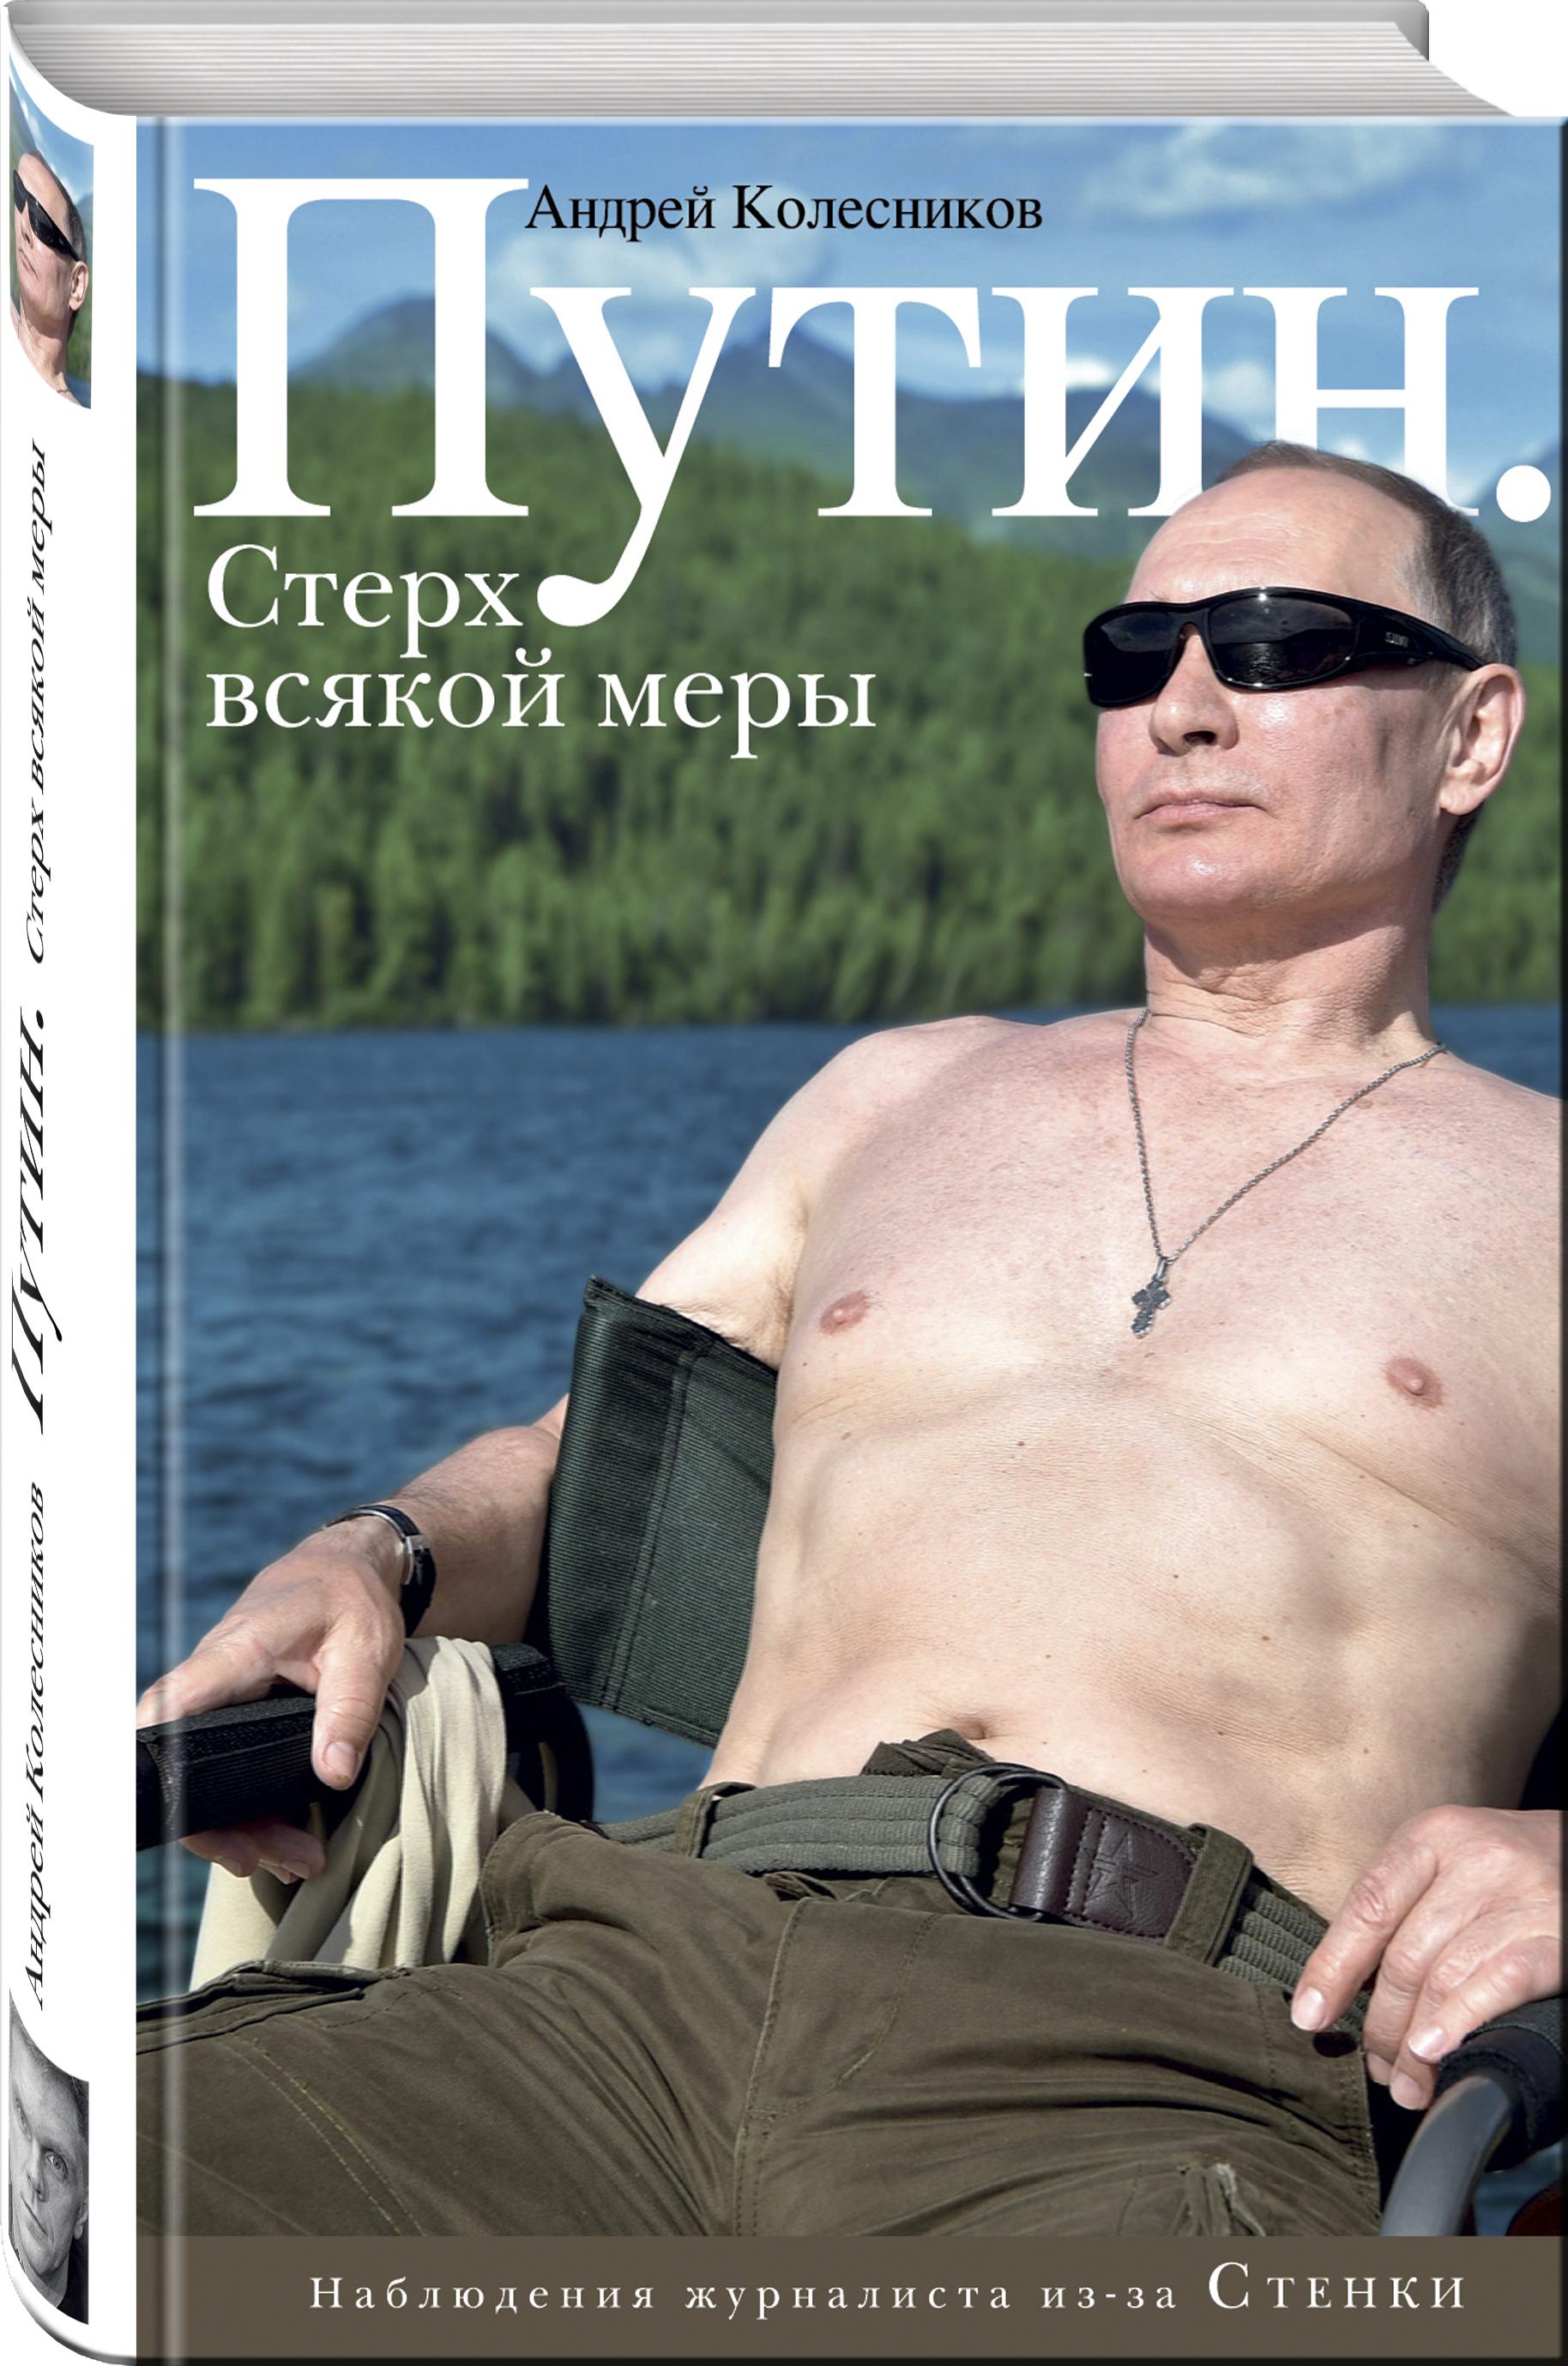 Андрей Колесников Путин. Стерх всякой меры ISBN: 978-5-04-089014-9